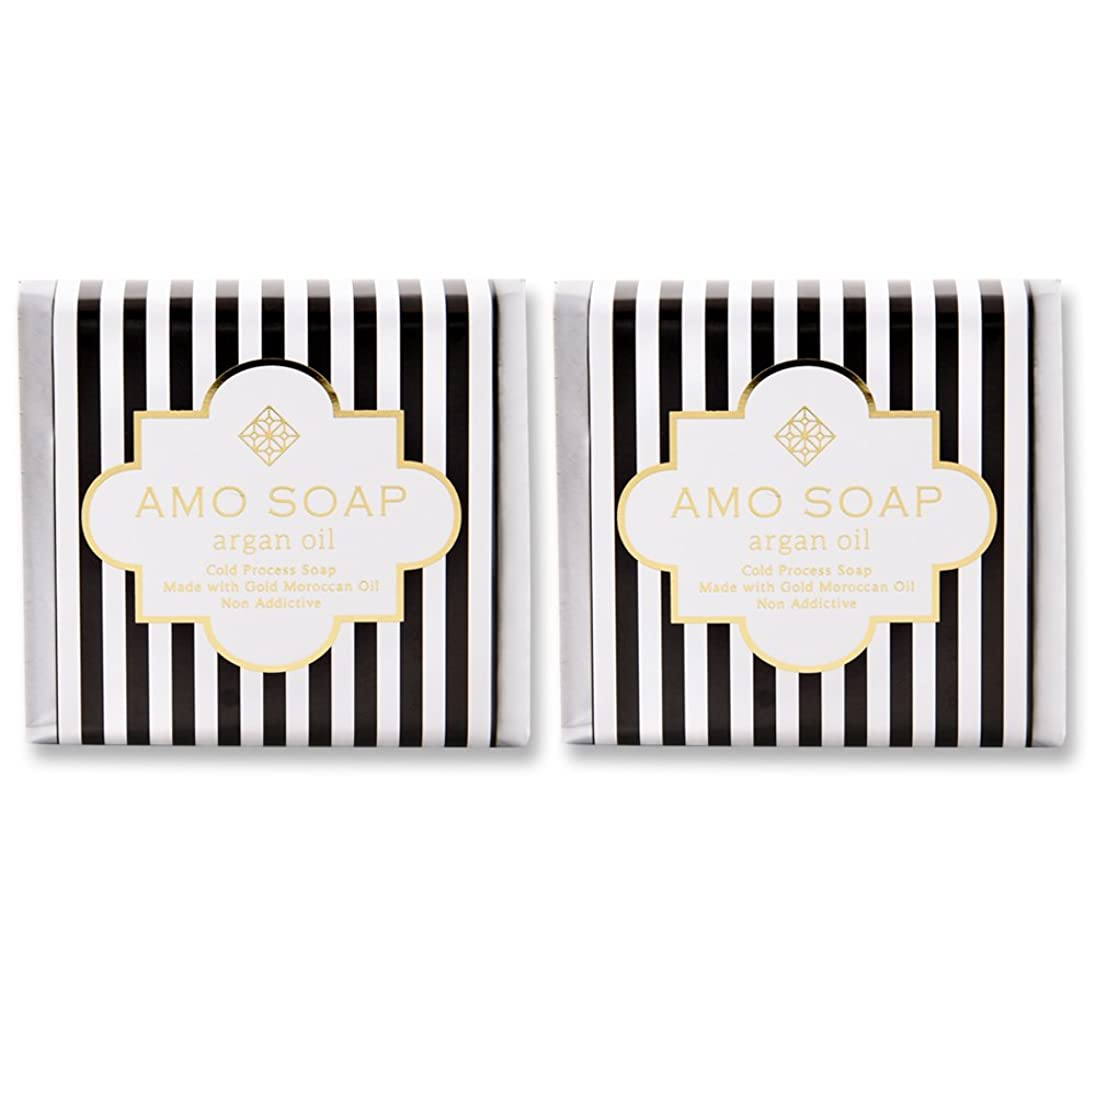 安価な戦略行商AMO SOAP(アモソープ) 洗顔せっけんアルガンオイル配合 2個 コールドプロセス製法 日本製 エイジングケア オリーブオイル シアバター